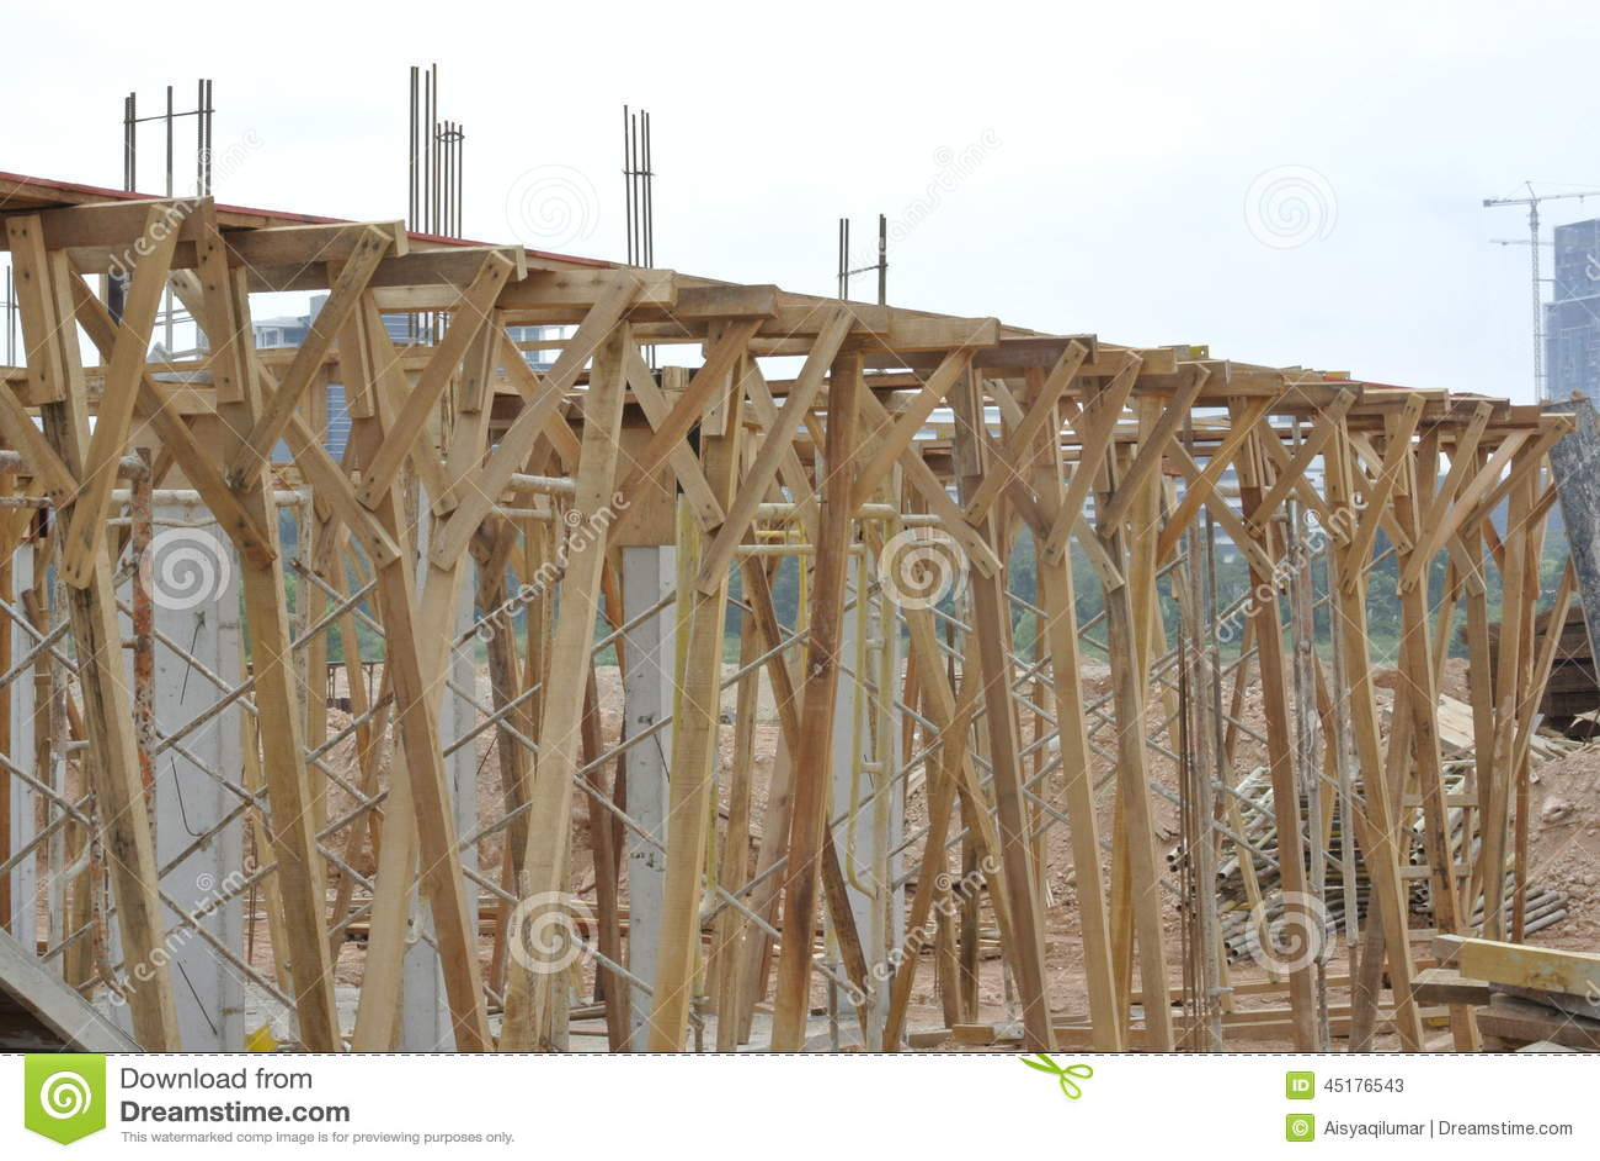 木材支持木材射线模板